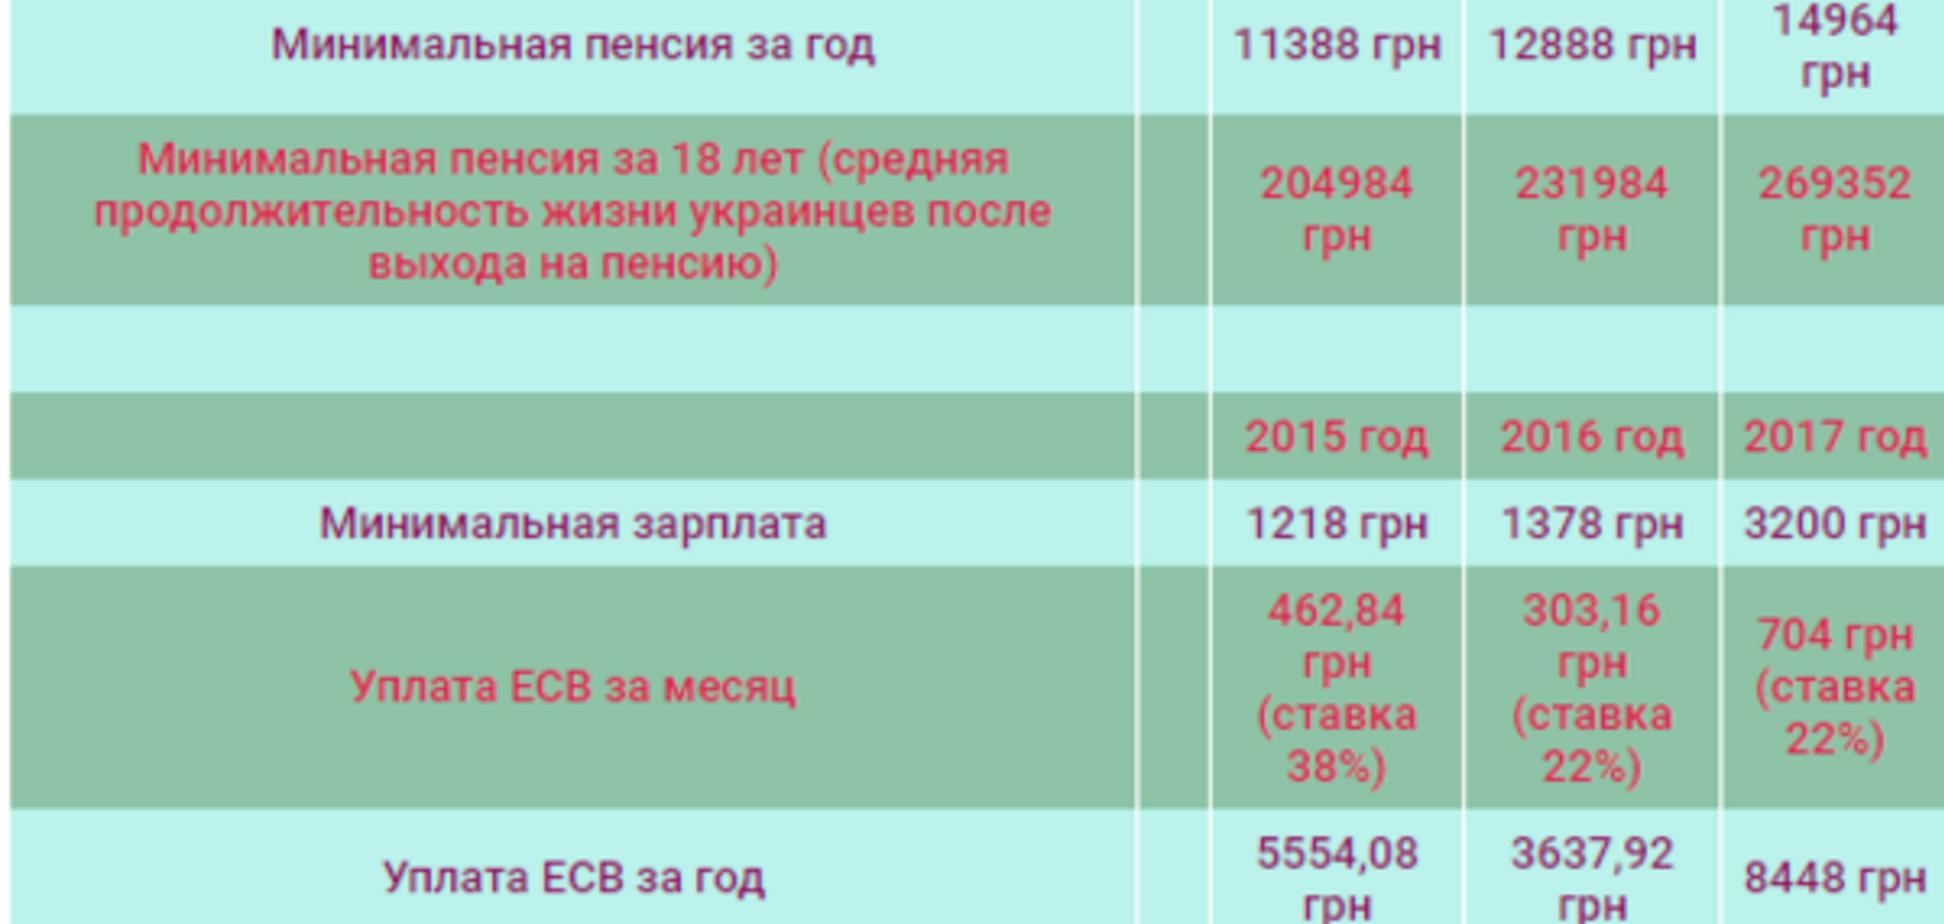 Зарплаты и пенсии в Украине